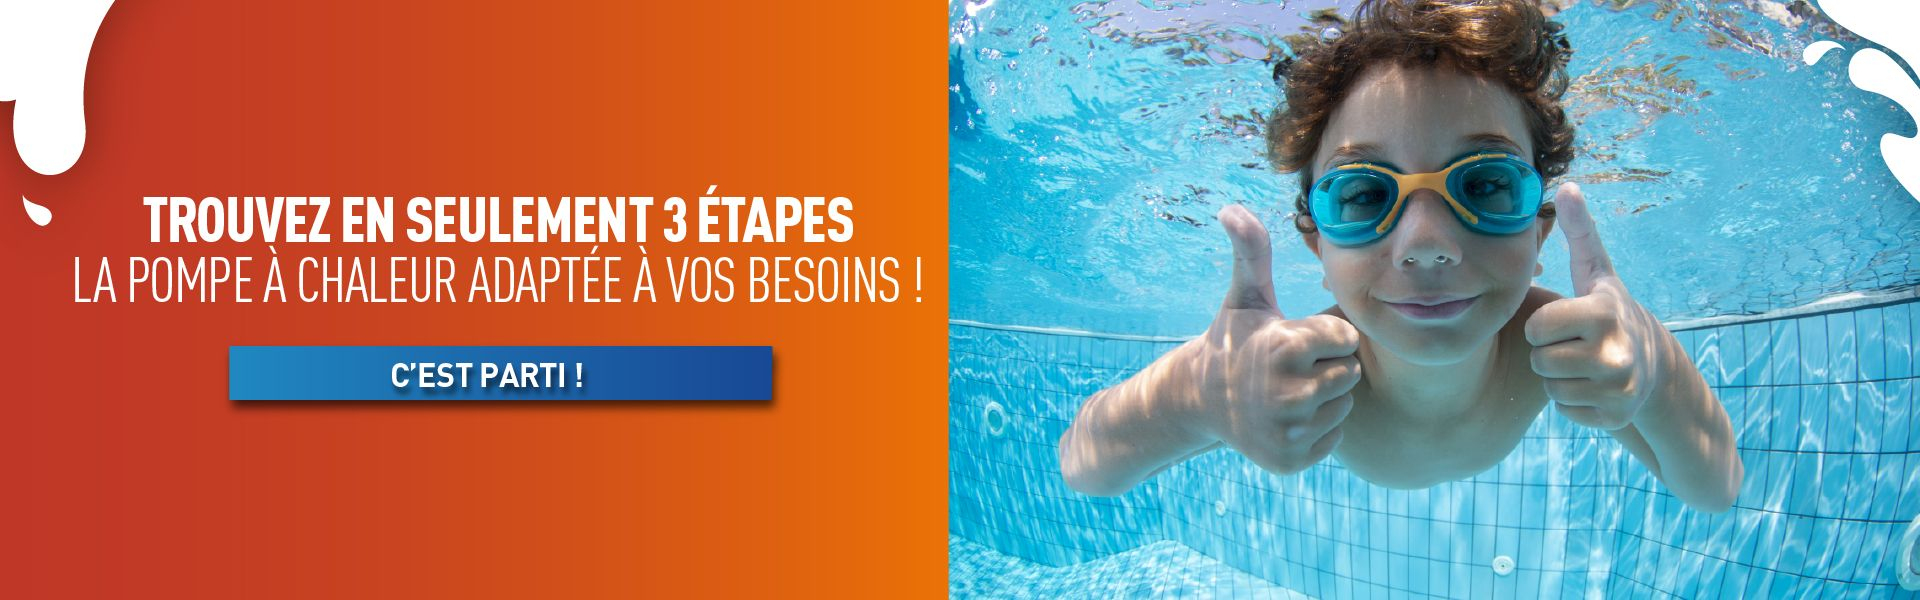 Cash Piscines - Tout Pour La Piscine & Spas Gonflables ... avec Cash Piscine Langon